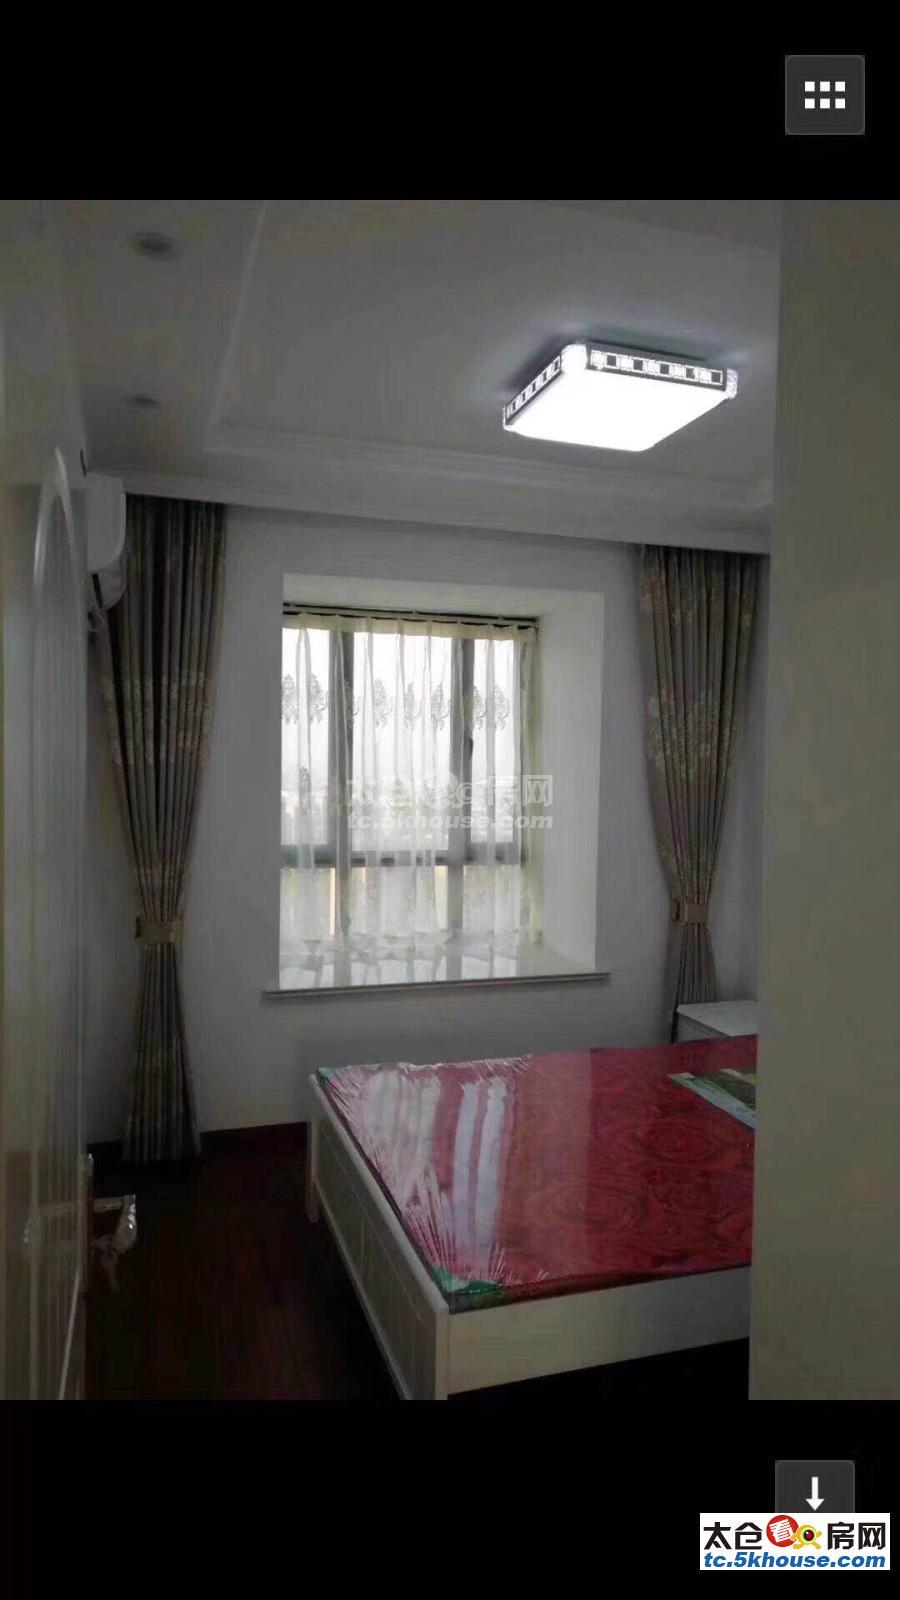 金仓华府 160万 4室2厅2卫 精装修自住保养好 一层 看房方便